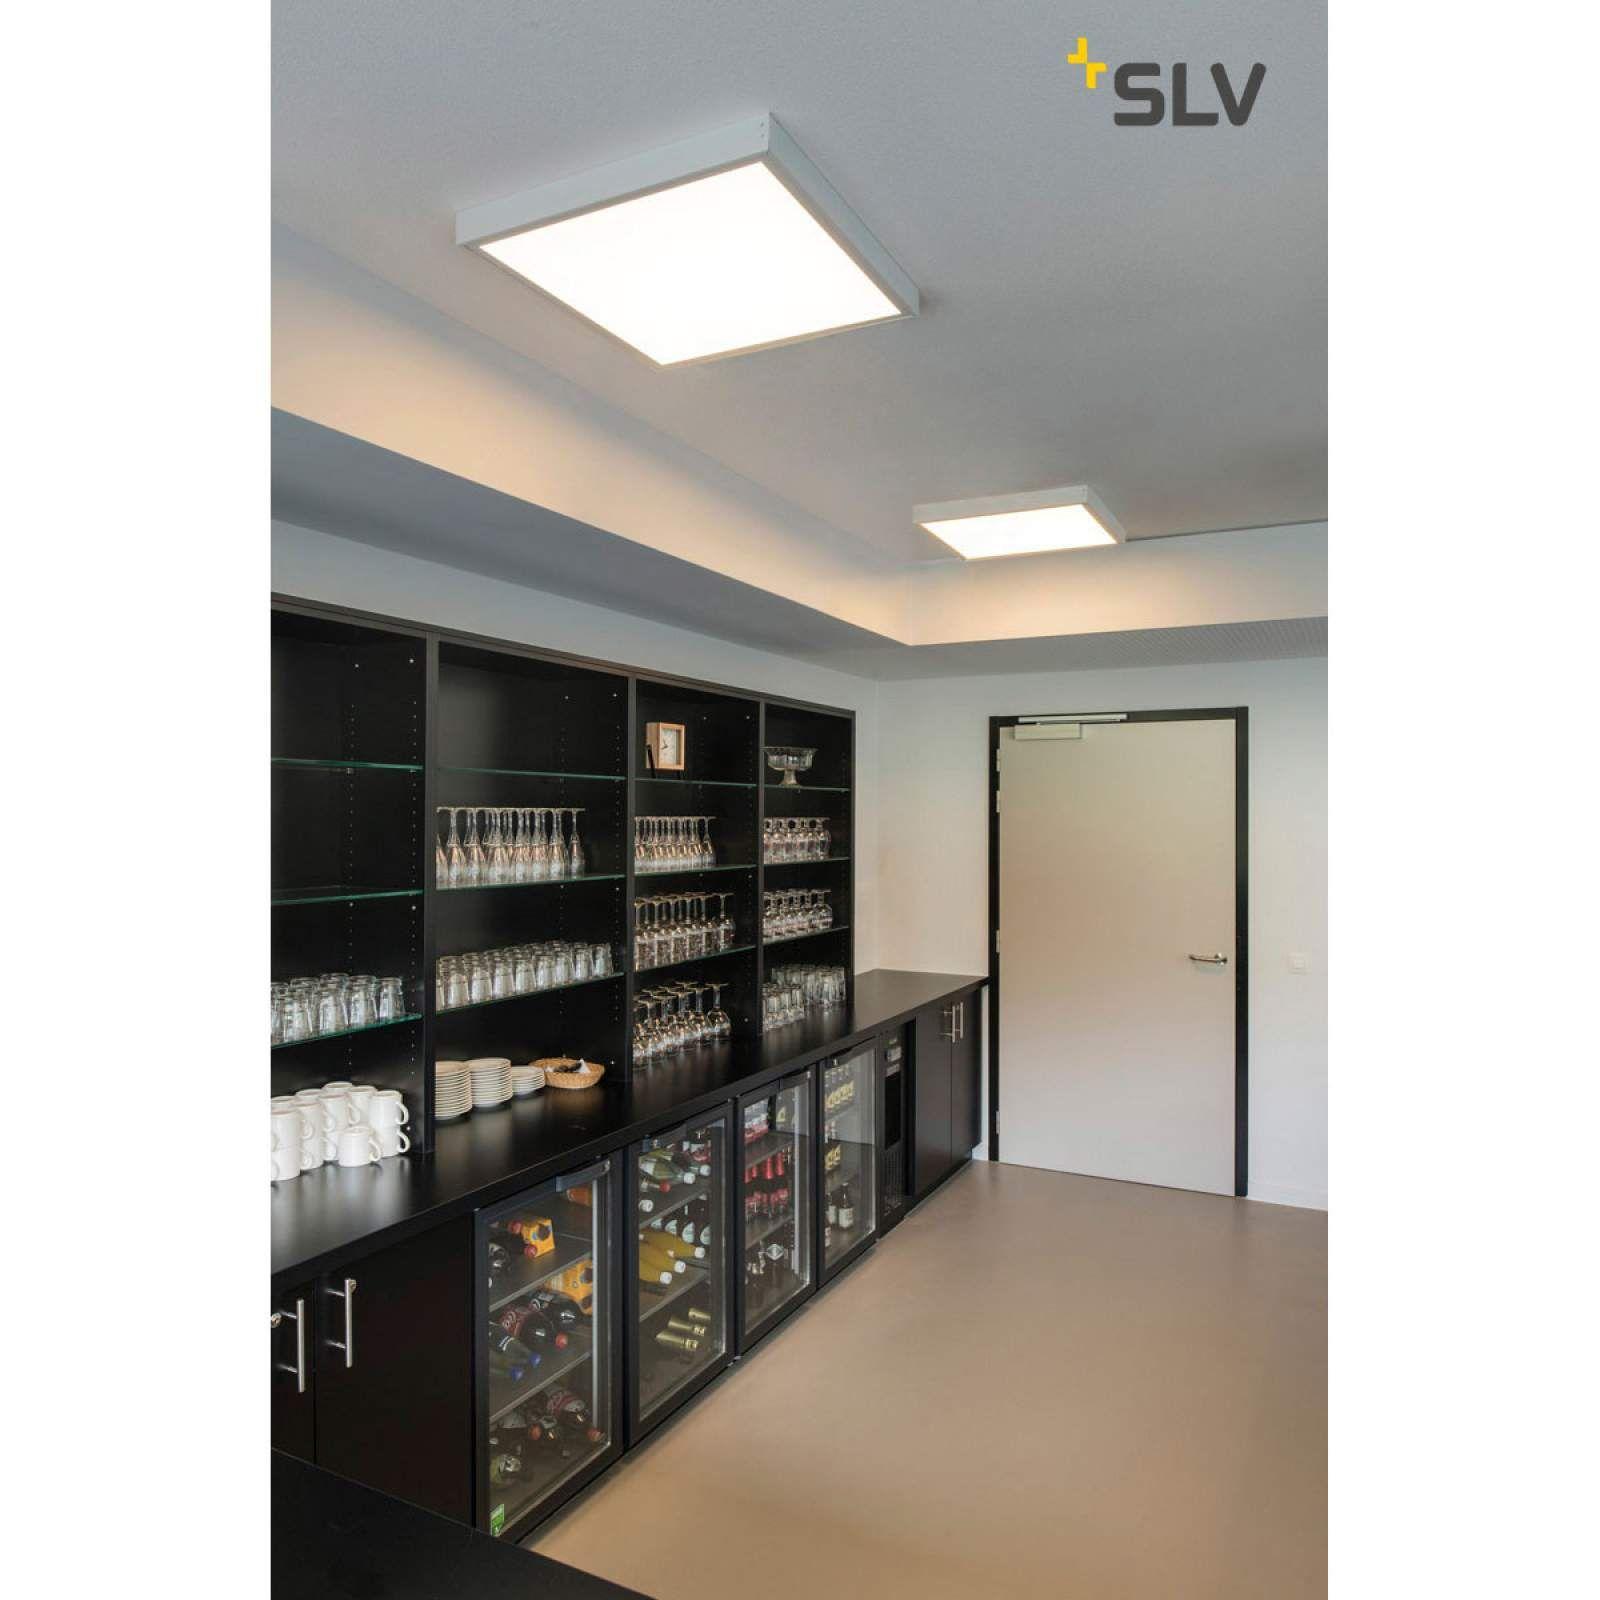 Slv Valeto Led Panel 62x62 Cm 2 700 K 6 500 K In 2020 Led Panel Led Lichtquelle